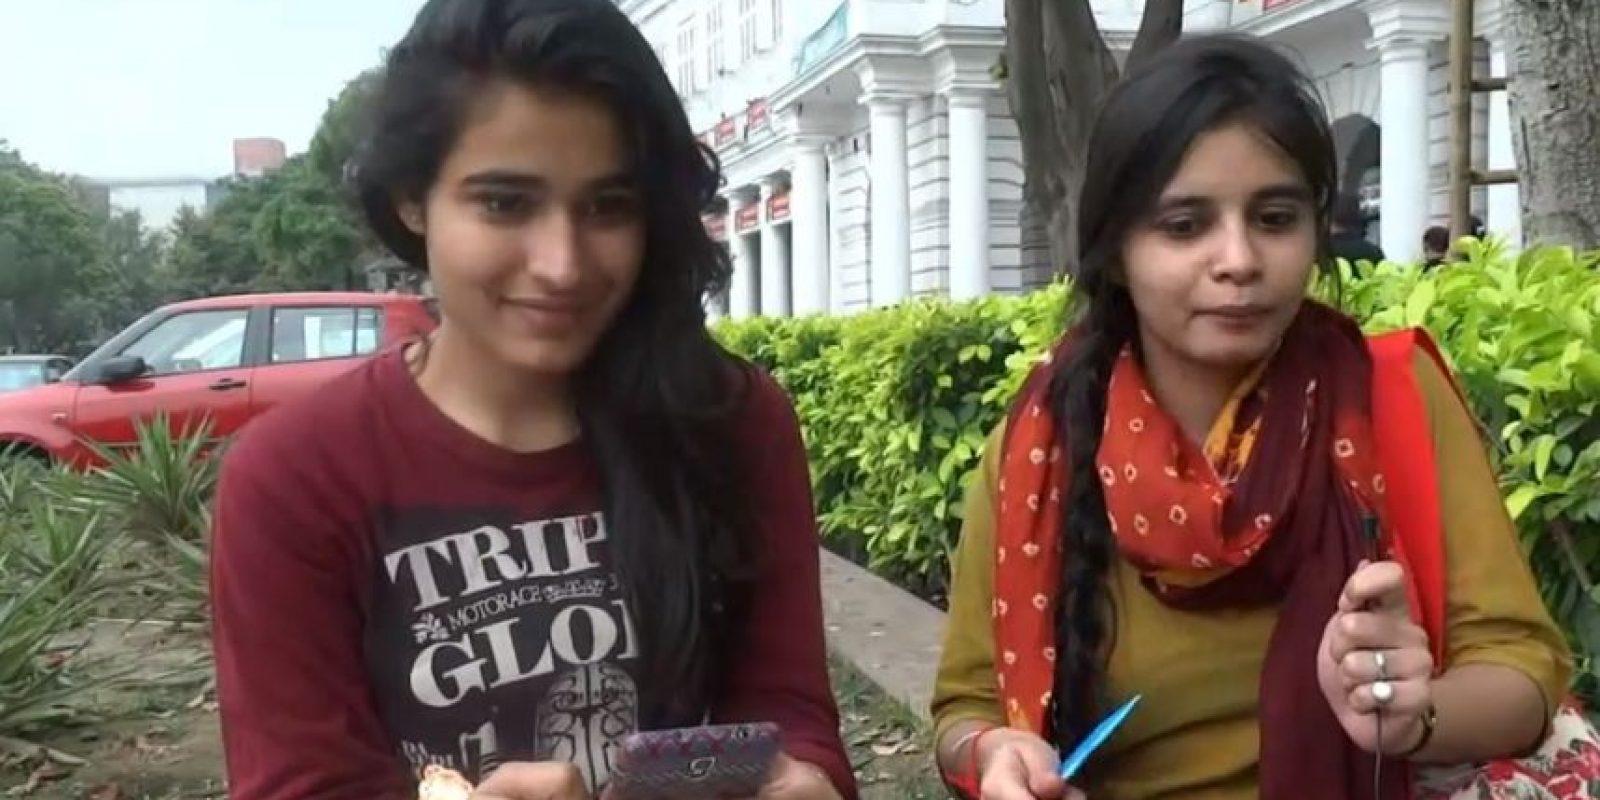 Al contrario de lo que se cree, las mujeres de sociedades que oscilan entre la modernidad y tradición como la india, también hablan abiertamente de sexo. Foto:NisheethTV/Youtube